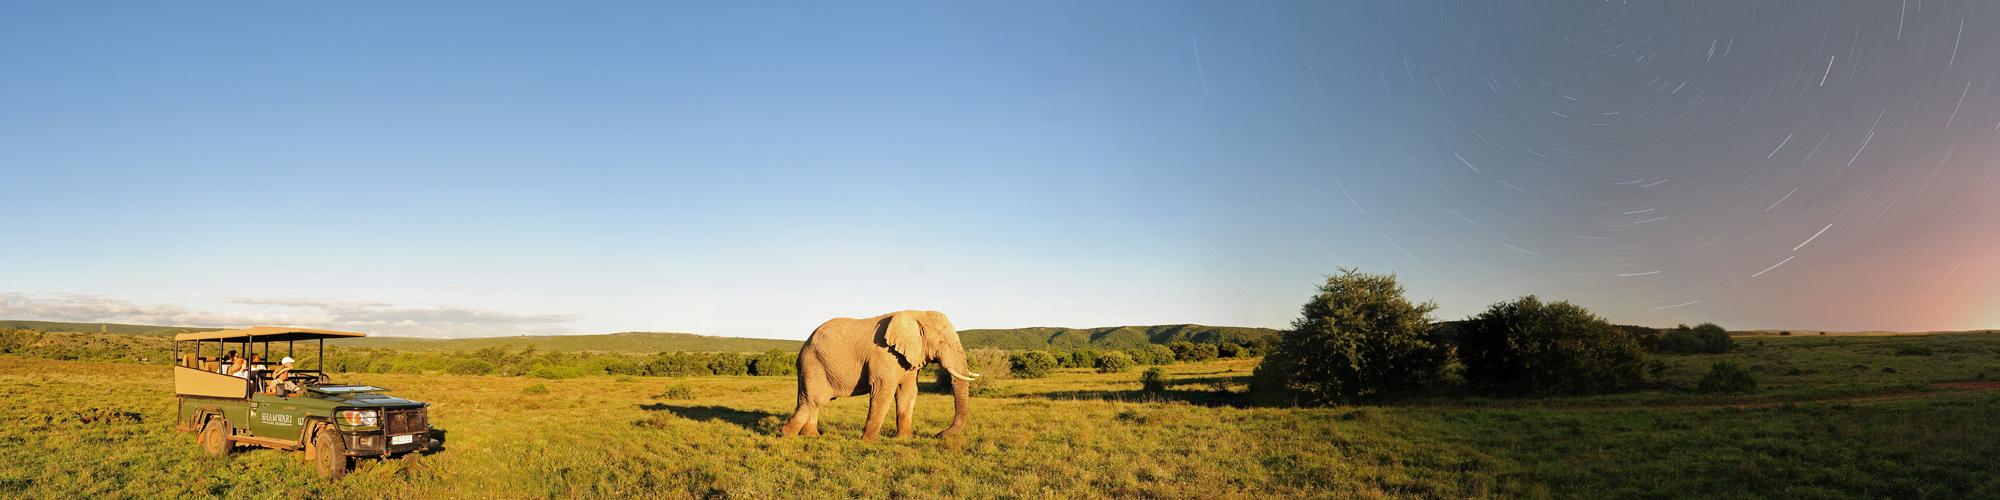 elephant game drive background resize